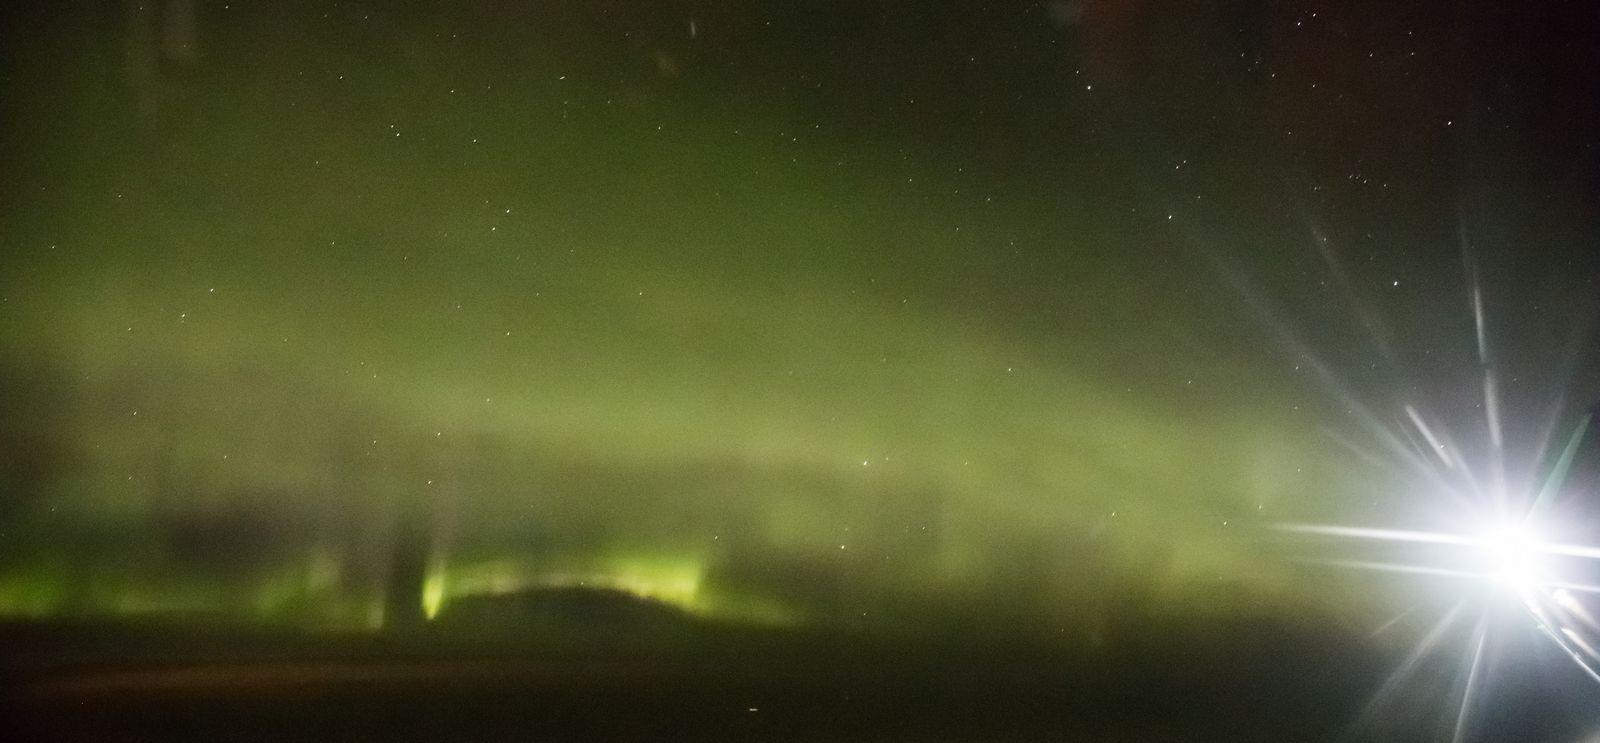 Si el objetivo era ver auroras, es un buen comienzo